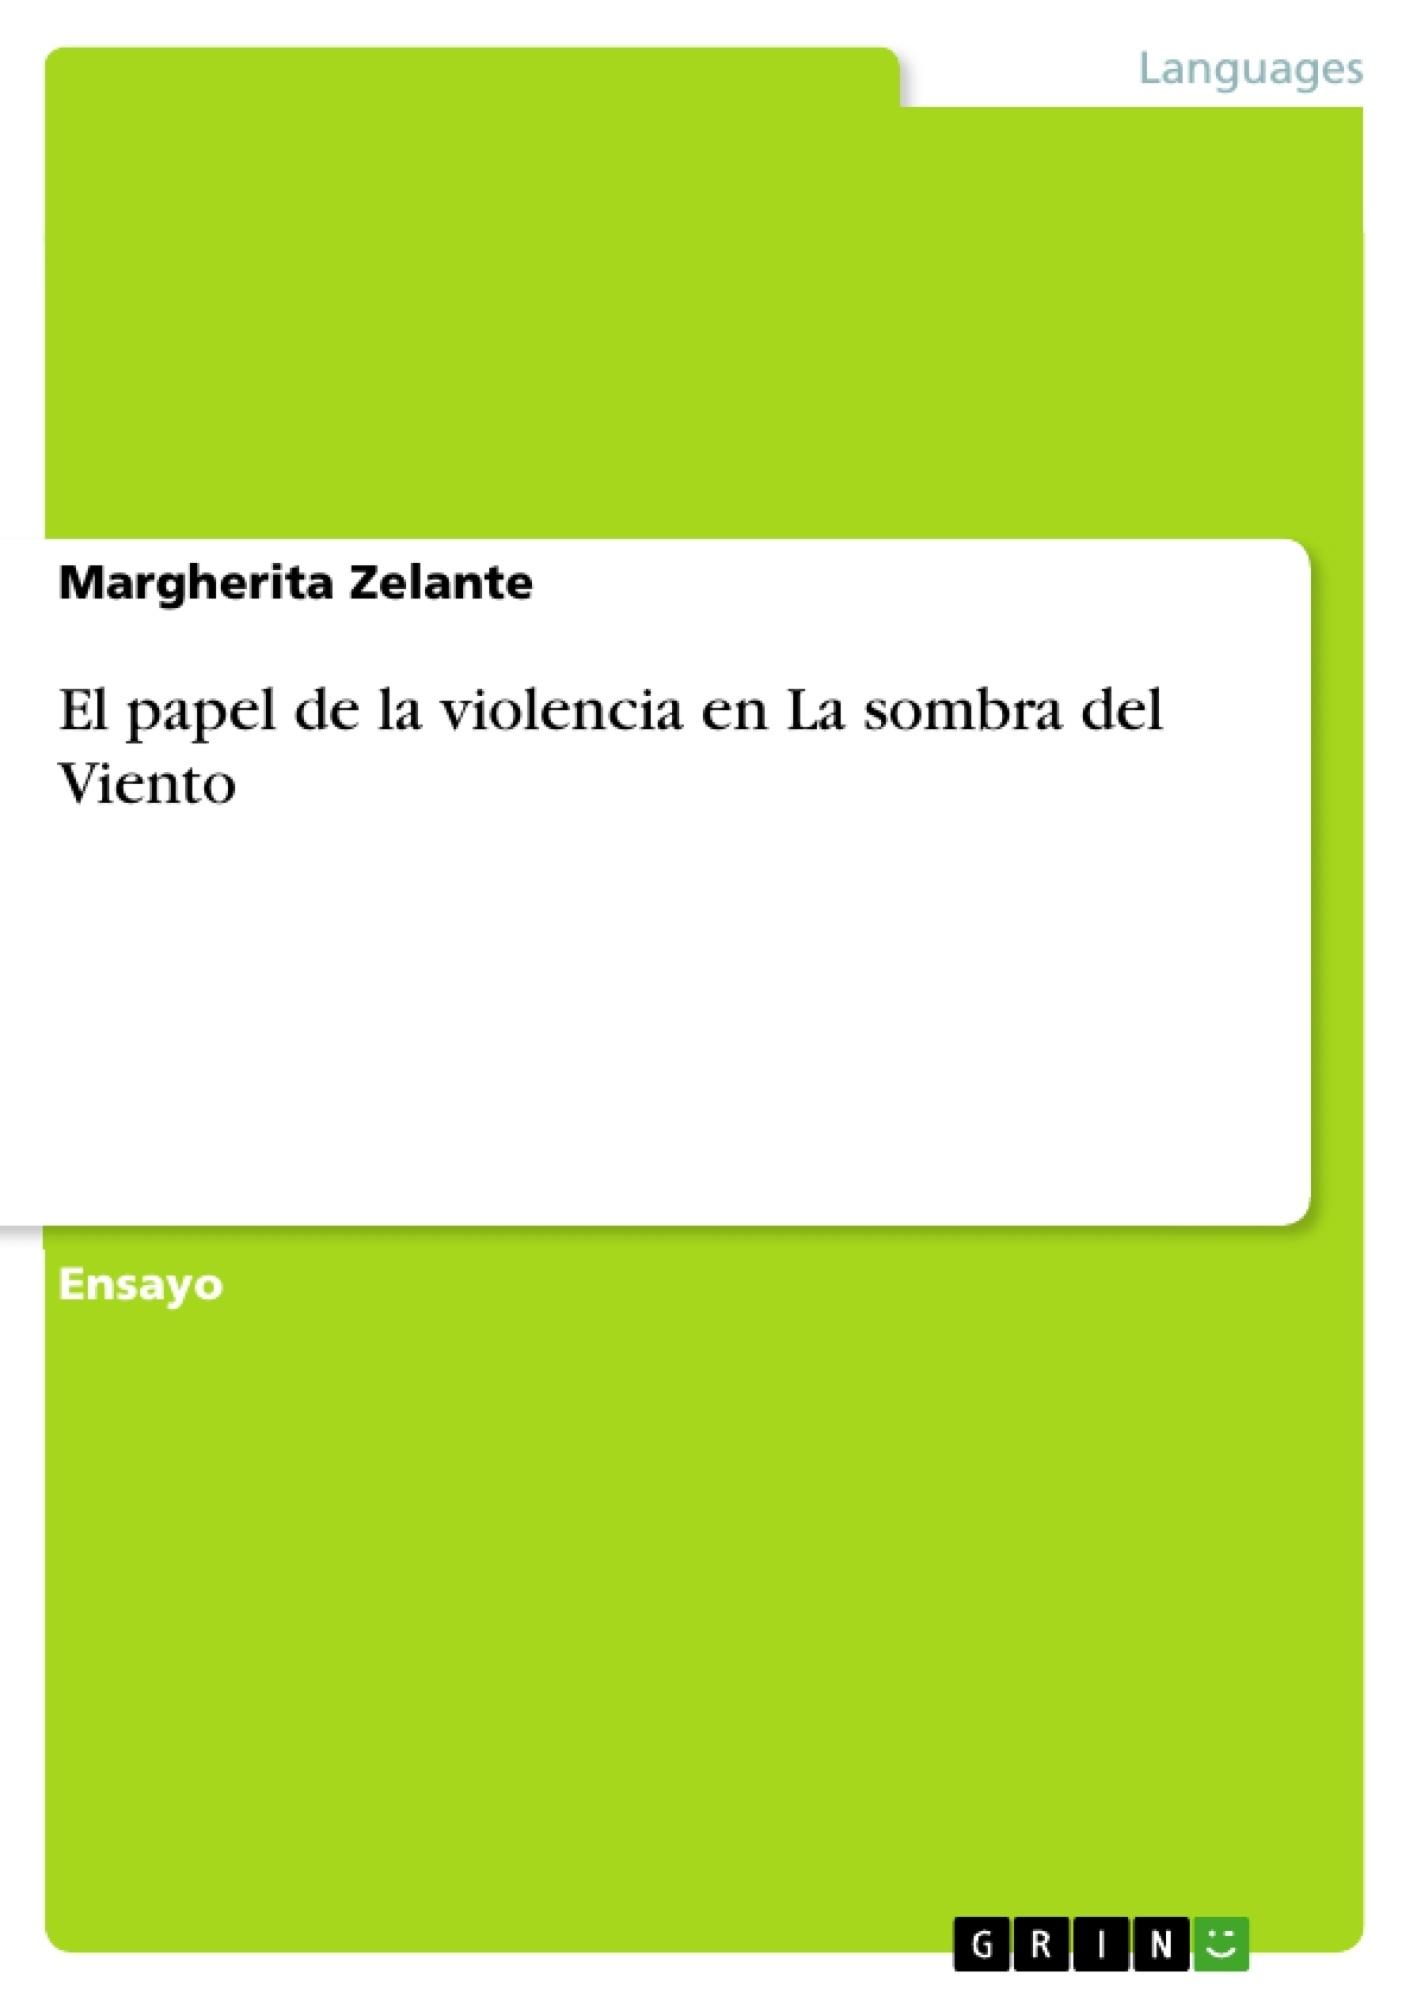 Título: El papel de la violencia en La sombra del Viento